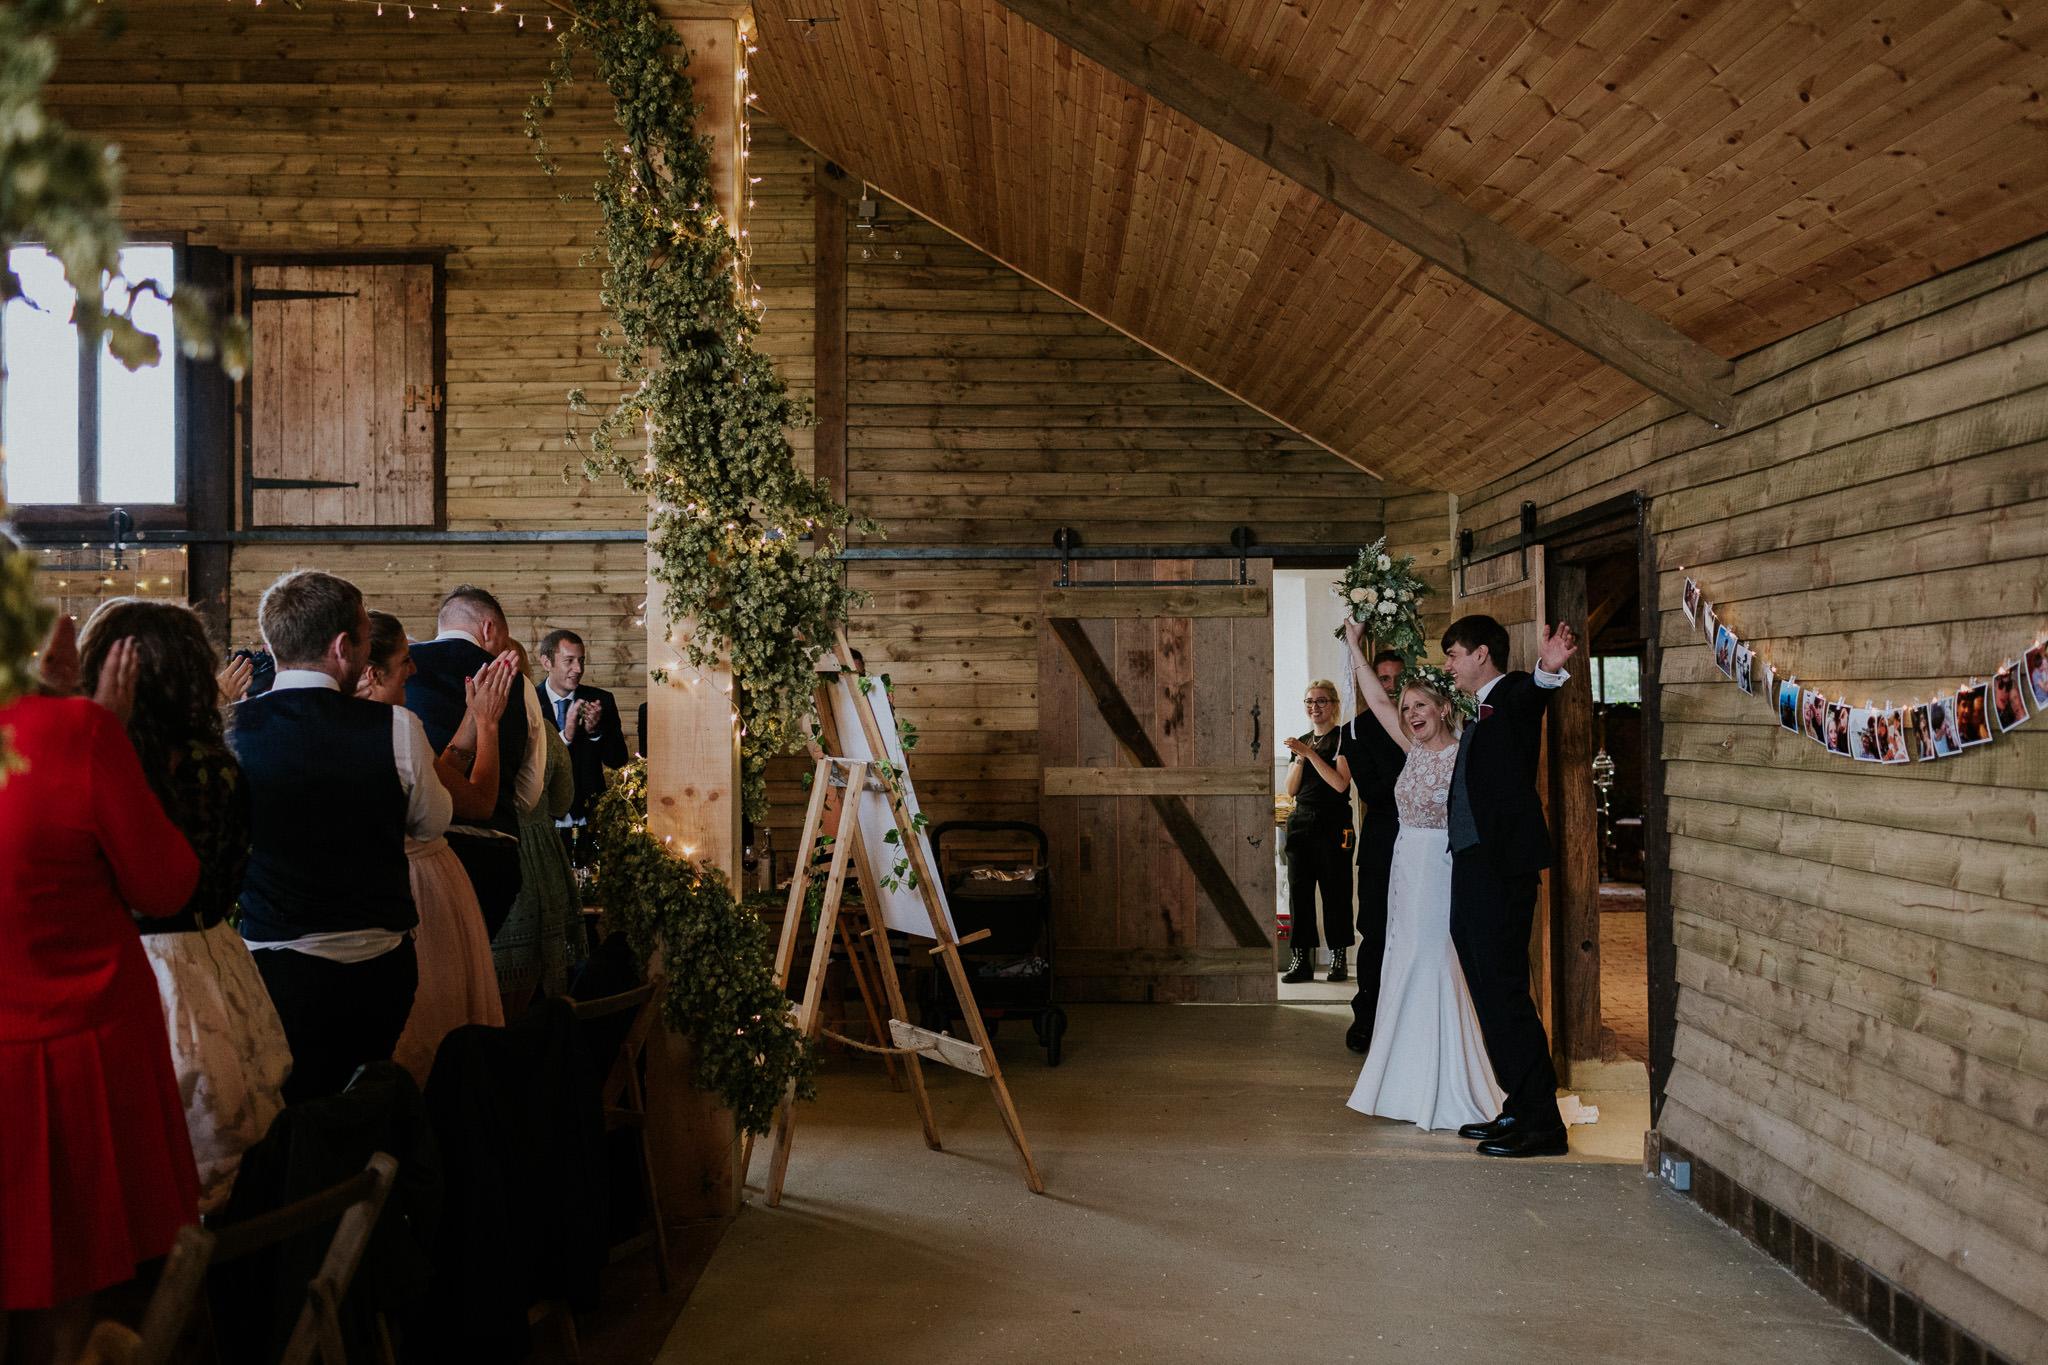 BillinghurstFarmwedding-144.jpg